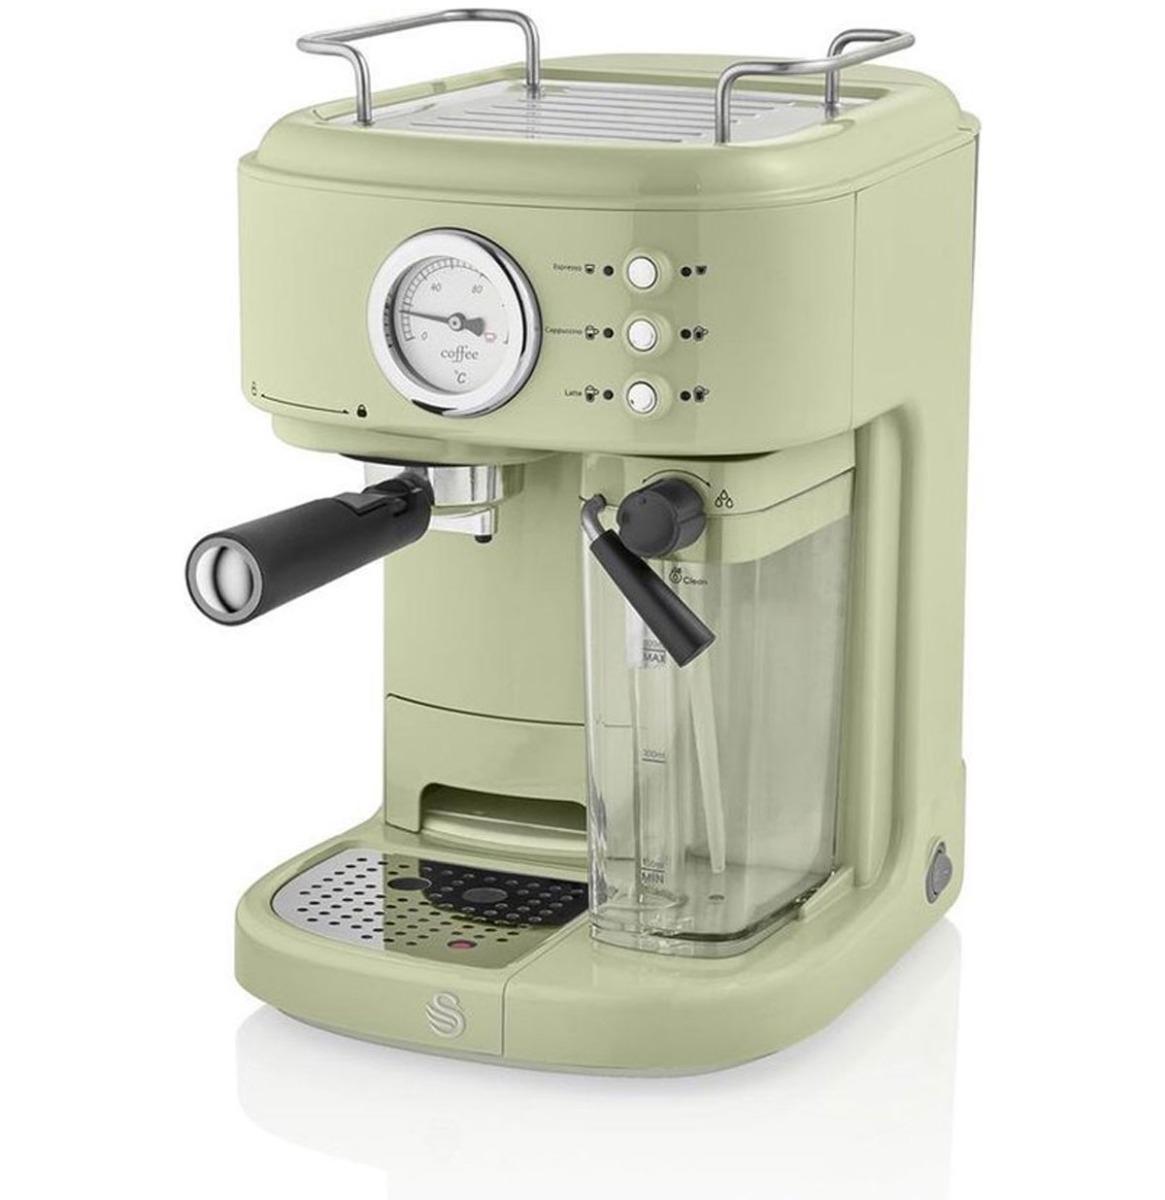 Swan One-Touch Retro Espresso Koffie Machine - Groen